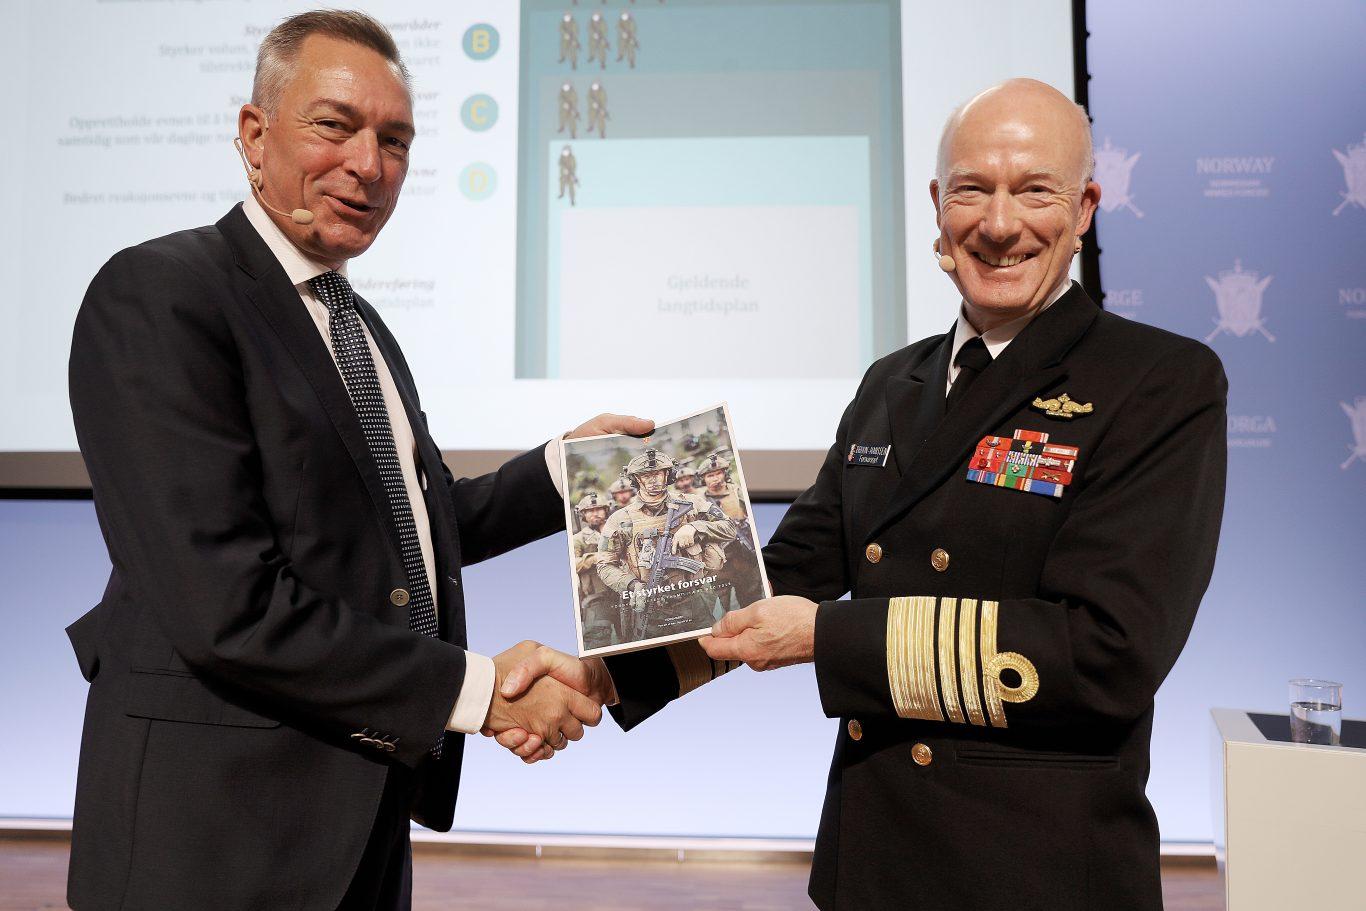 Forsvarssjefen overleverer fagmilitært råd til Forsvarsminister Frank Bakke-Jensen. Foto: Torbjørn Kjosvold / Forsvaret